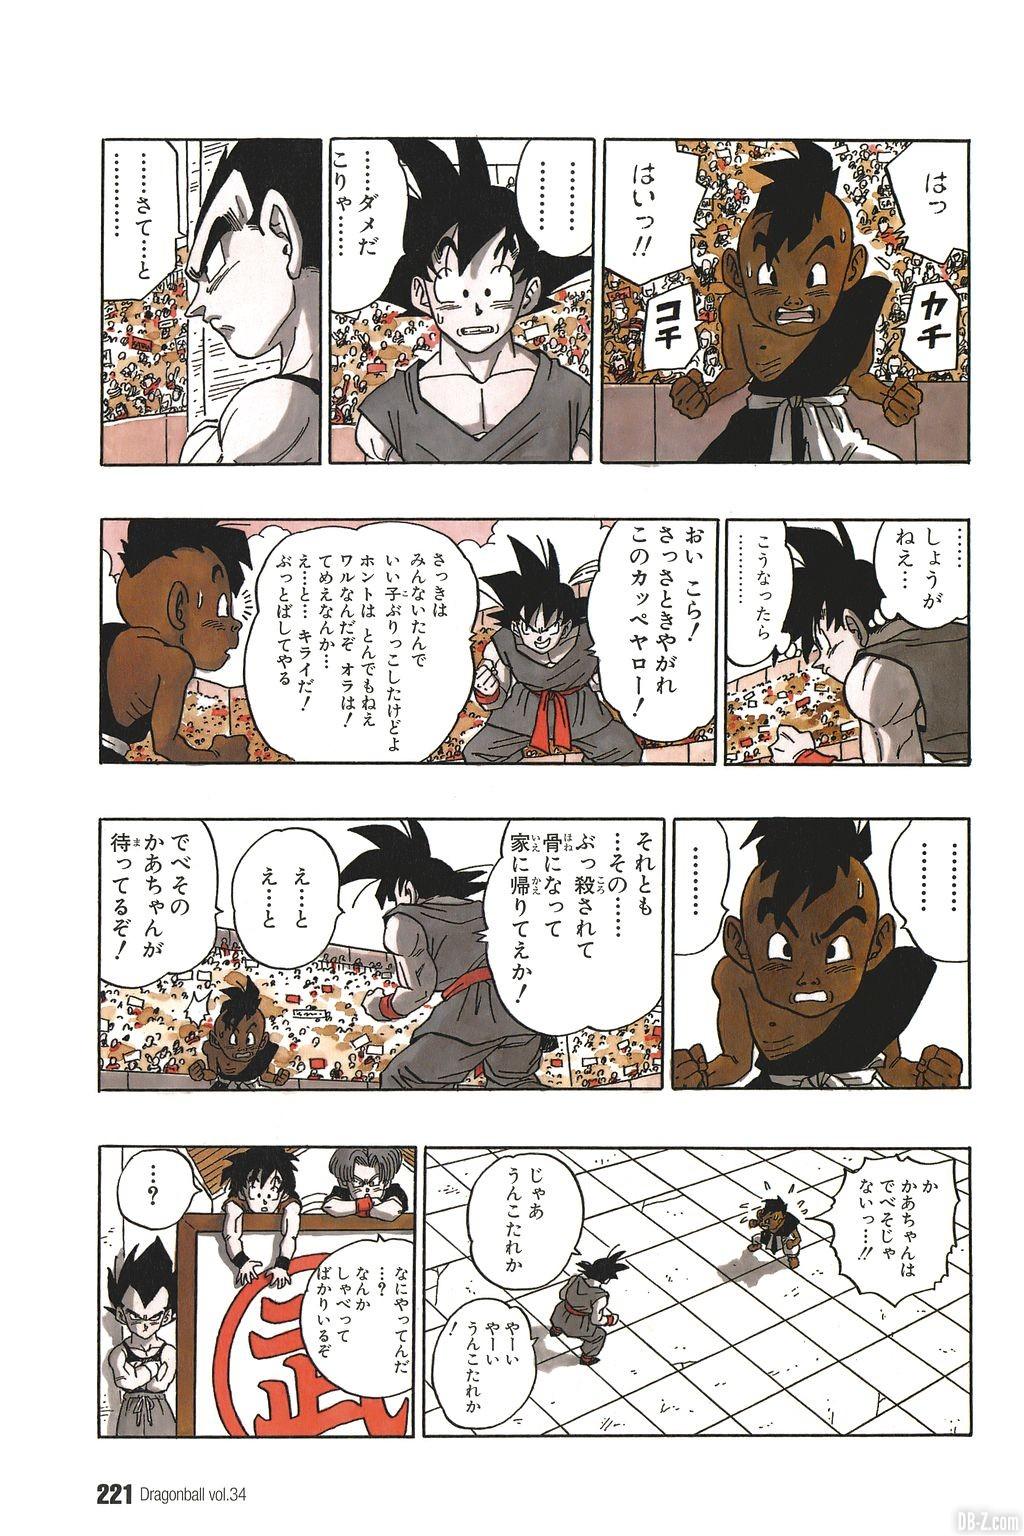 Dernier Chapitre Dragon Ball Page 9